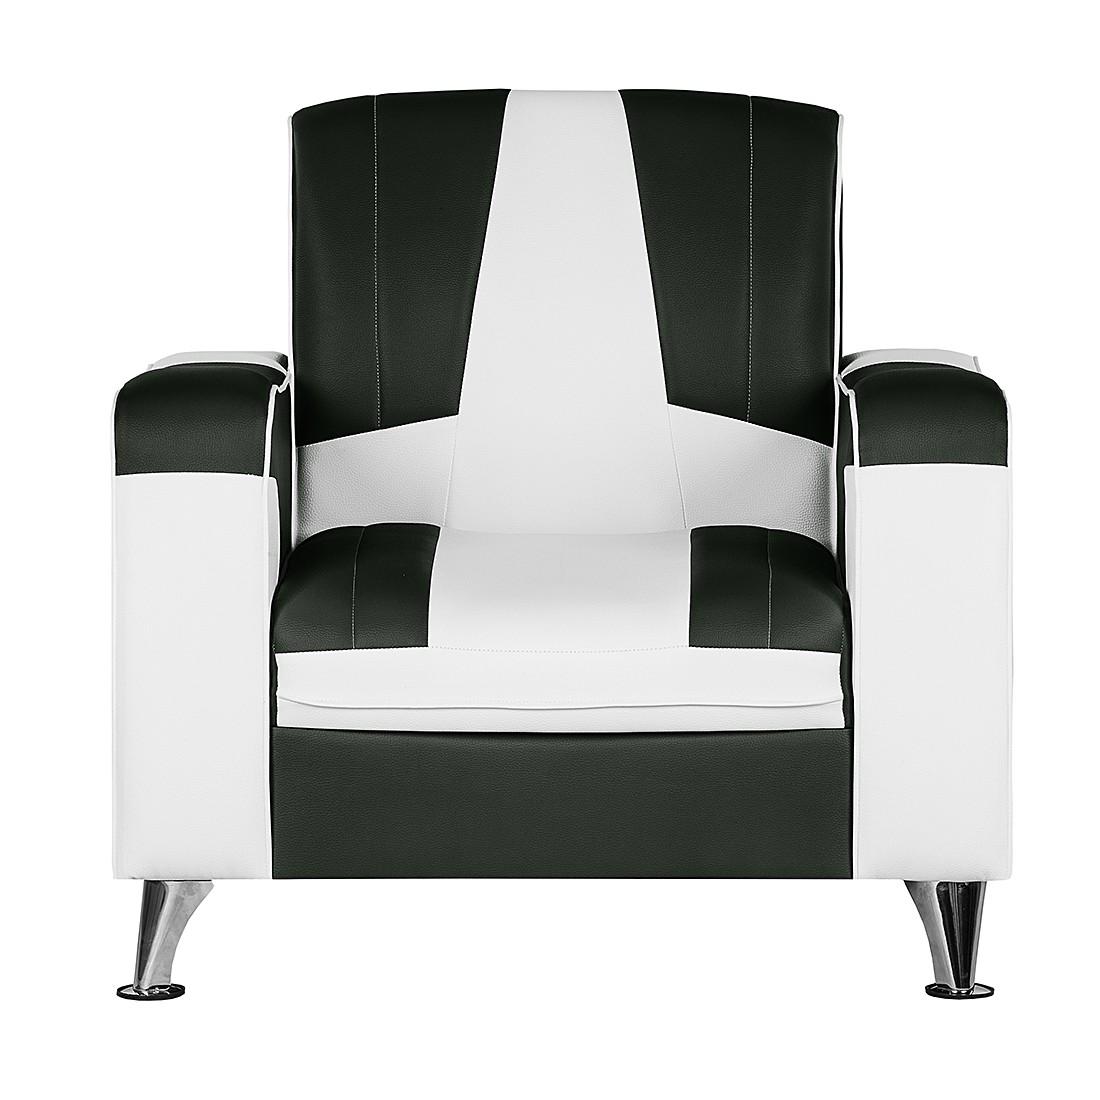 goedkoop Fauteuil Nixa zwart wit kunstleer Studio Monroe